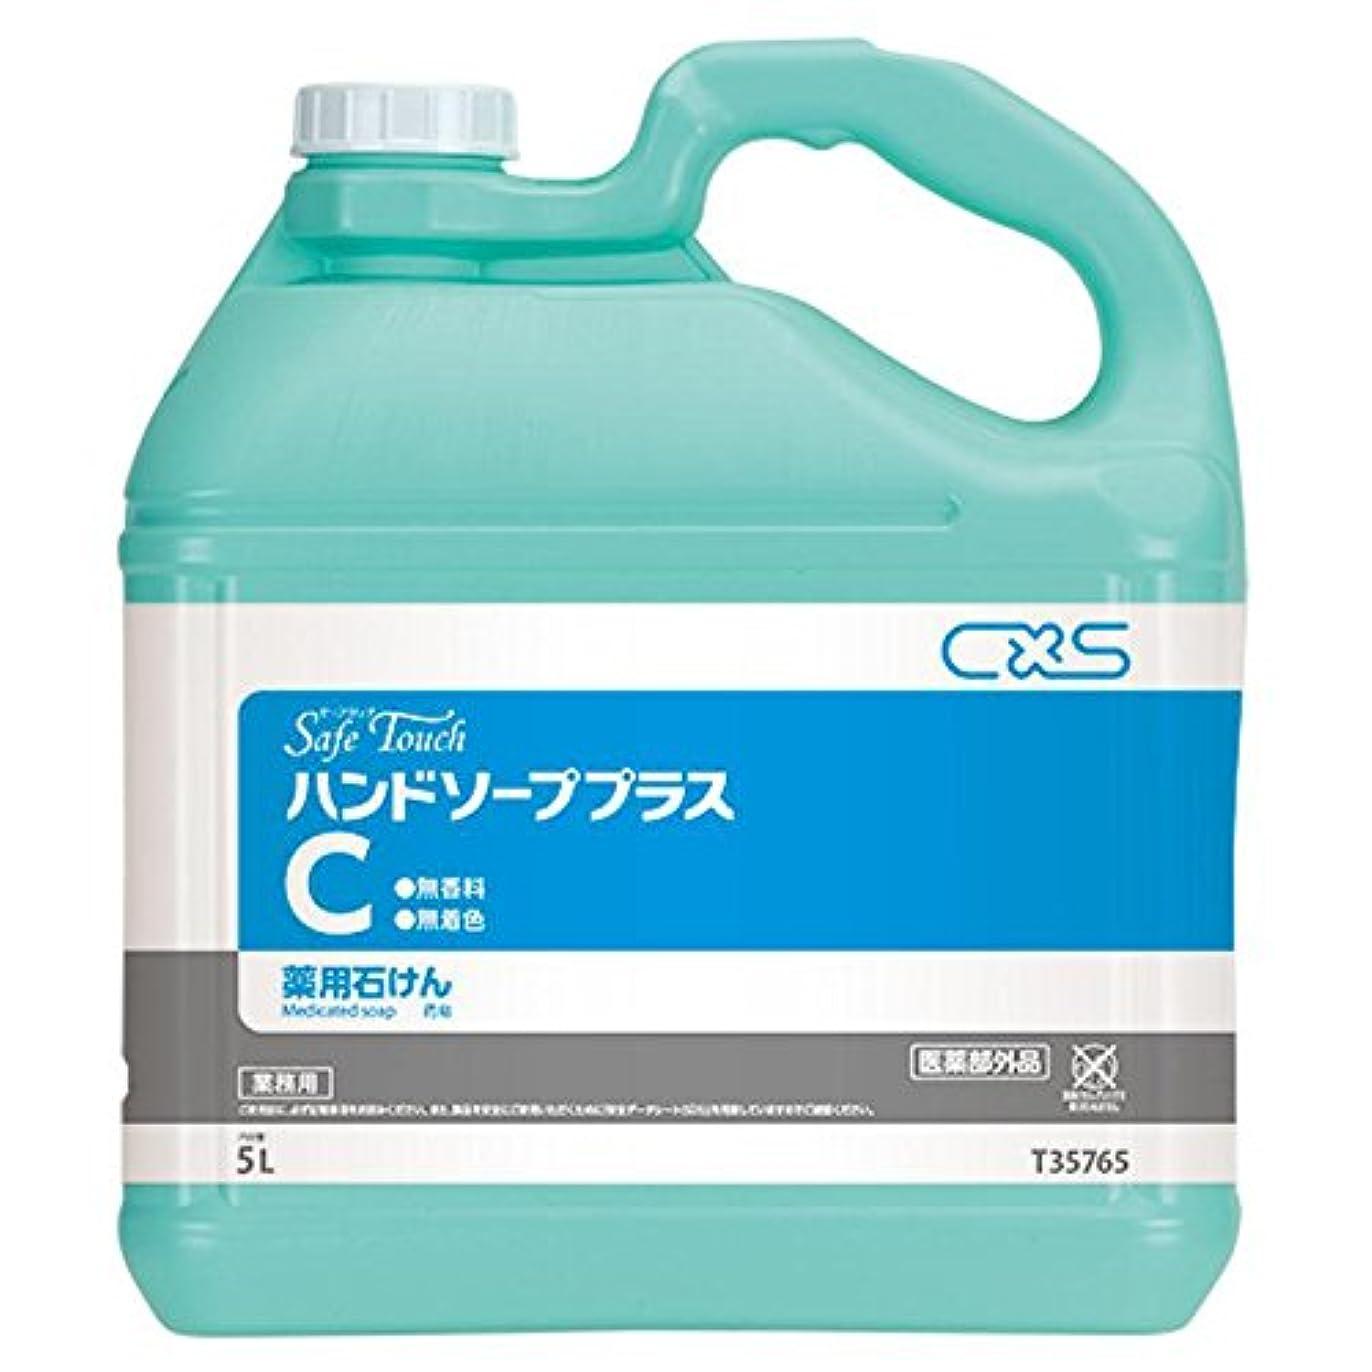 ドリルマナー残忍なシーバイエス(C×S) 手洗い用石鹸 セーフタッチハンドソーププラスC 5L